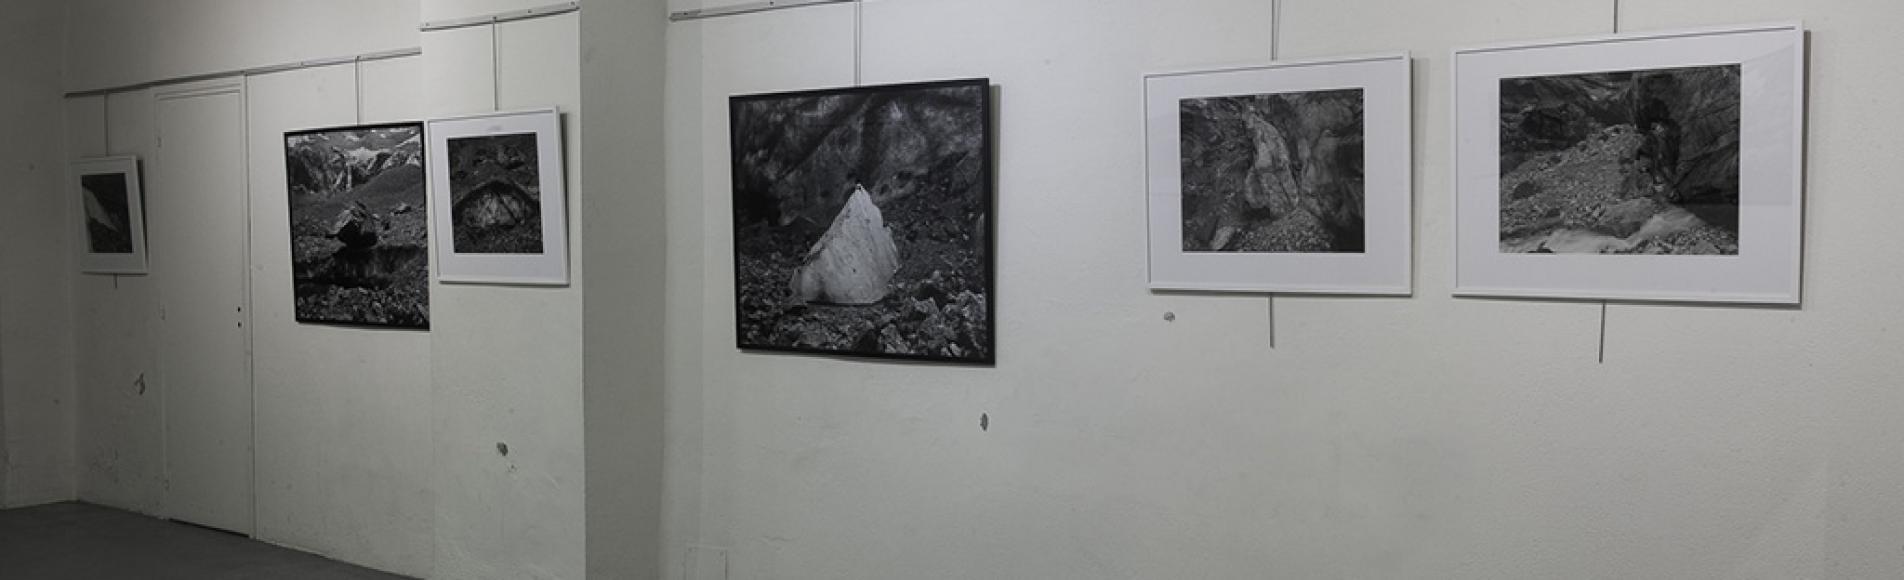 Exposition à la Tour brune - série photographique glacier Noir - photos Jonathan Mourglia